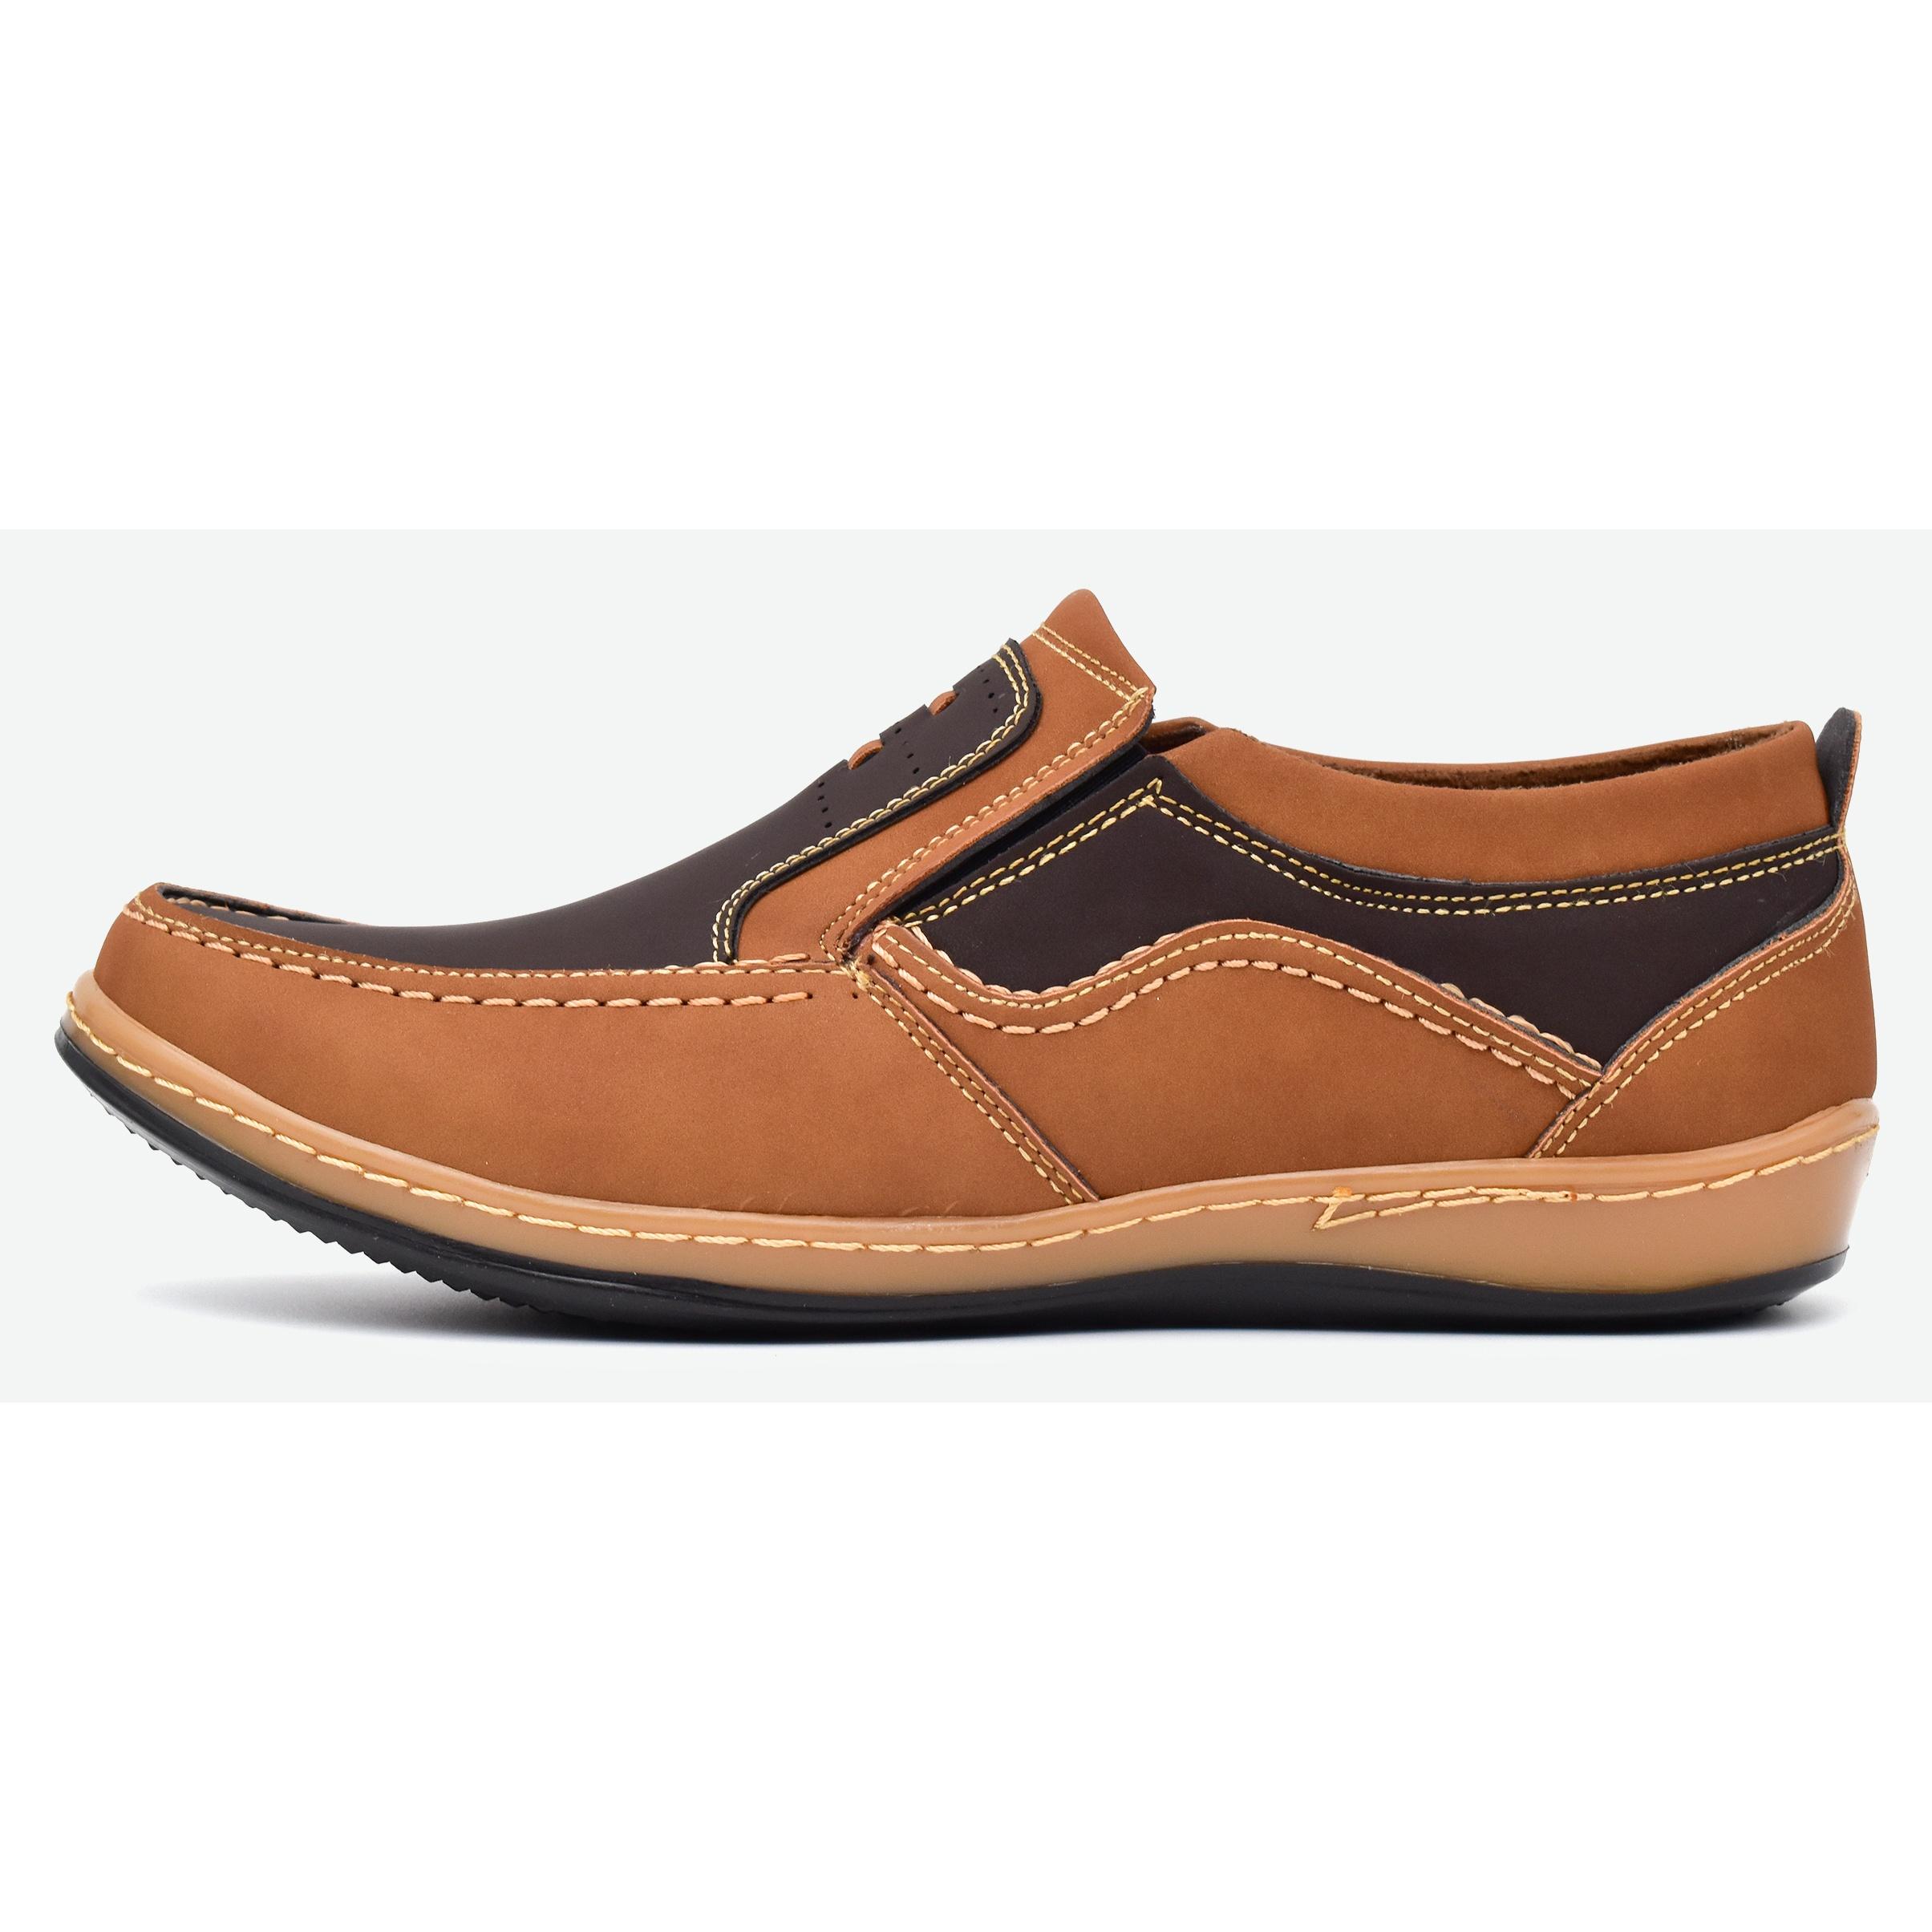 کفش روزمره مردانه گلپا مدل پدرام کد 5532